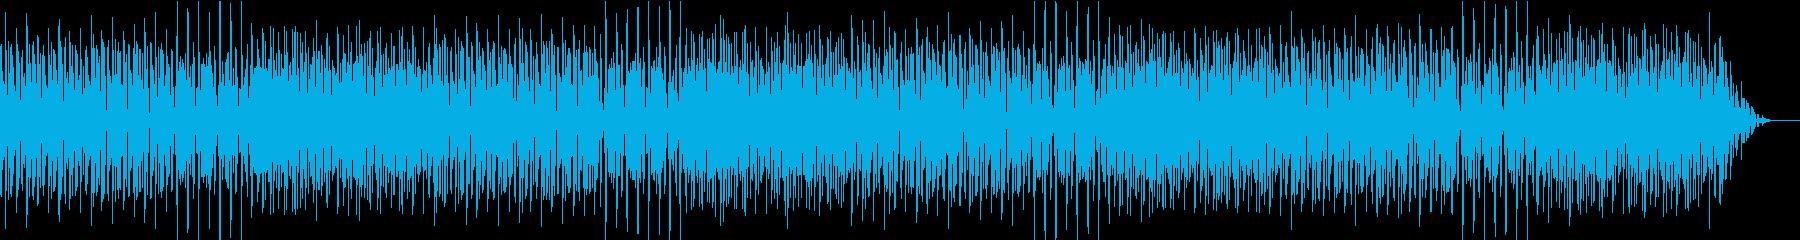 明るくポップな店舗用の楽曲の再生済みの波形